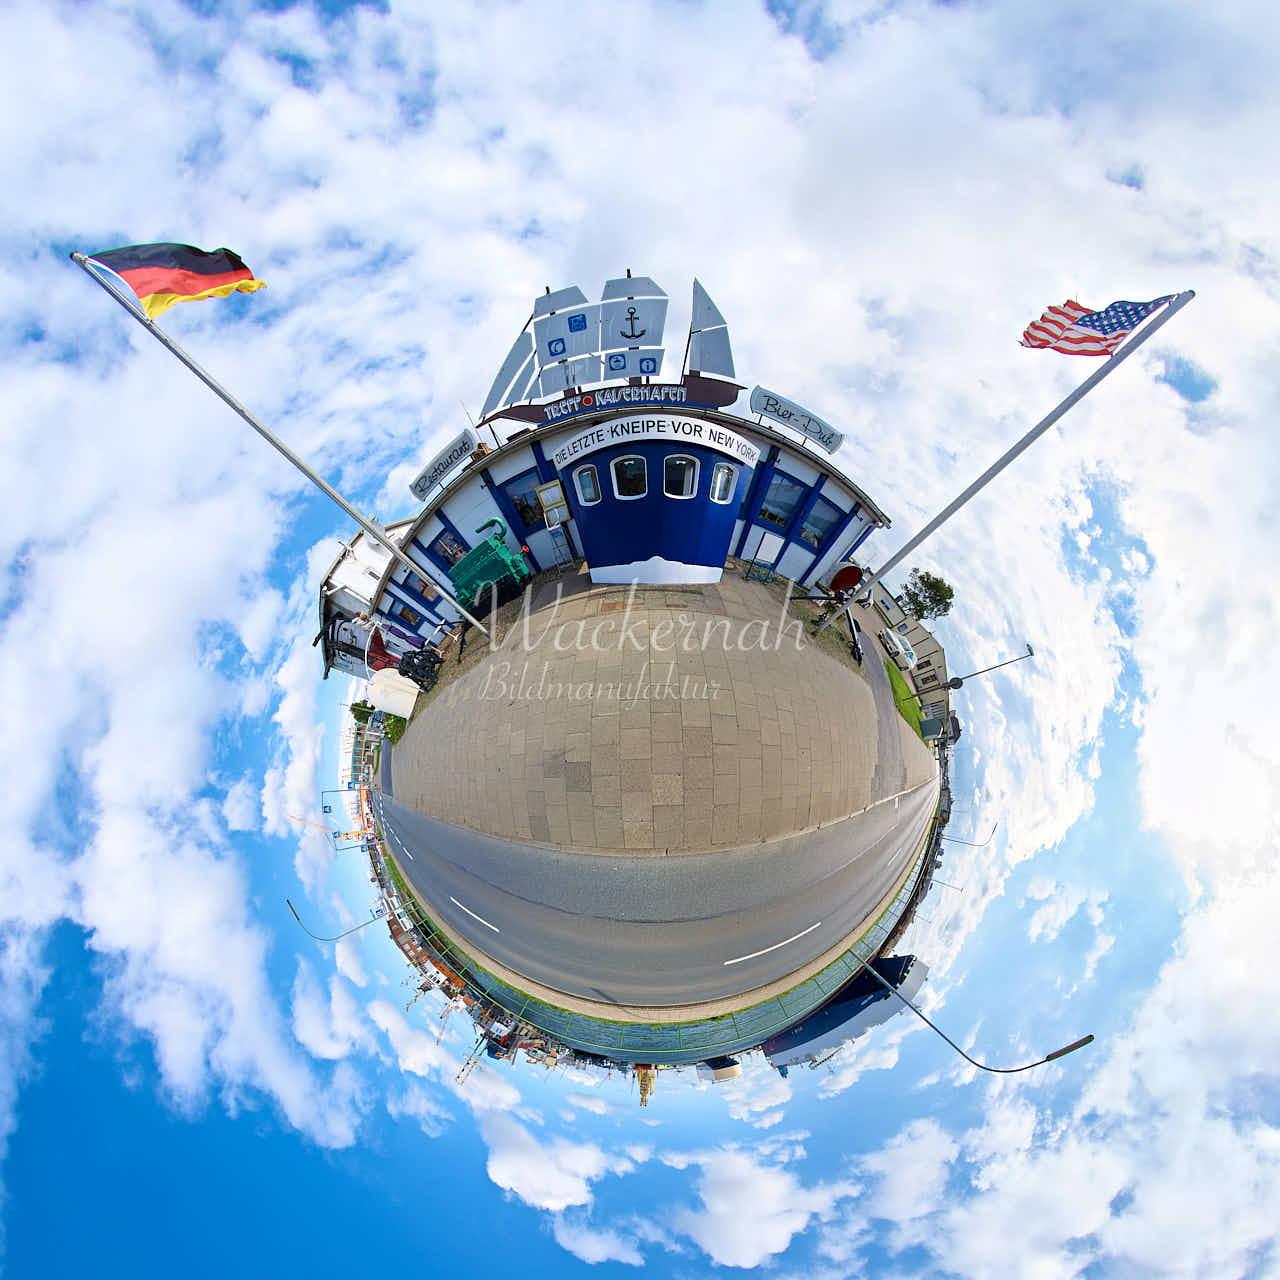 Little Planet Bremerhaven Die letzte Kneipe vor New York © 2015 Adrian J.-G. Wackernah